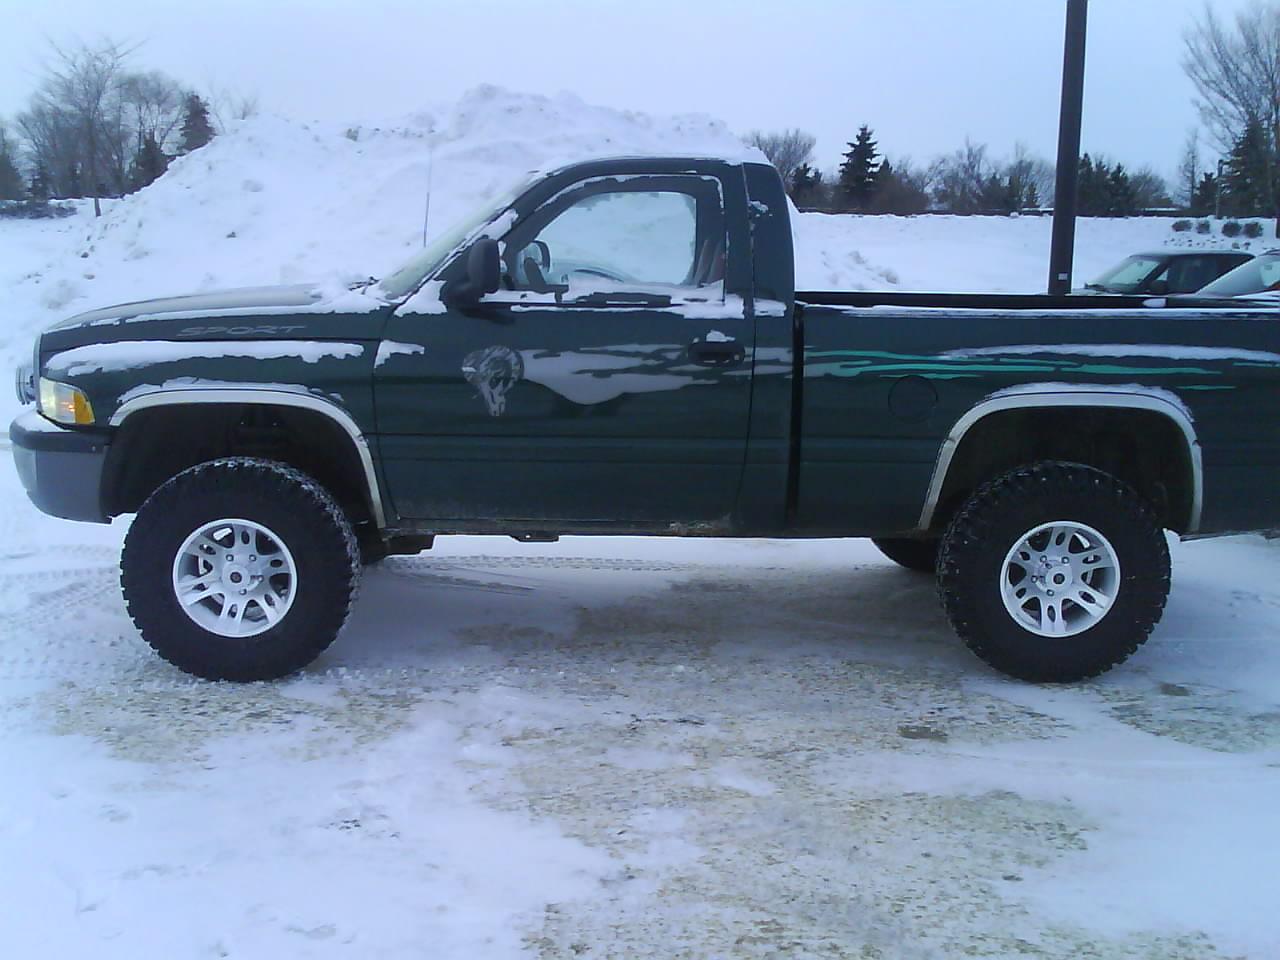 2004 Dodge Ram 1500 1997 2004 Dodge Dakota 1998 2003 Dodge